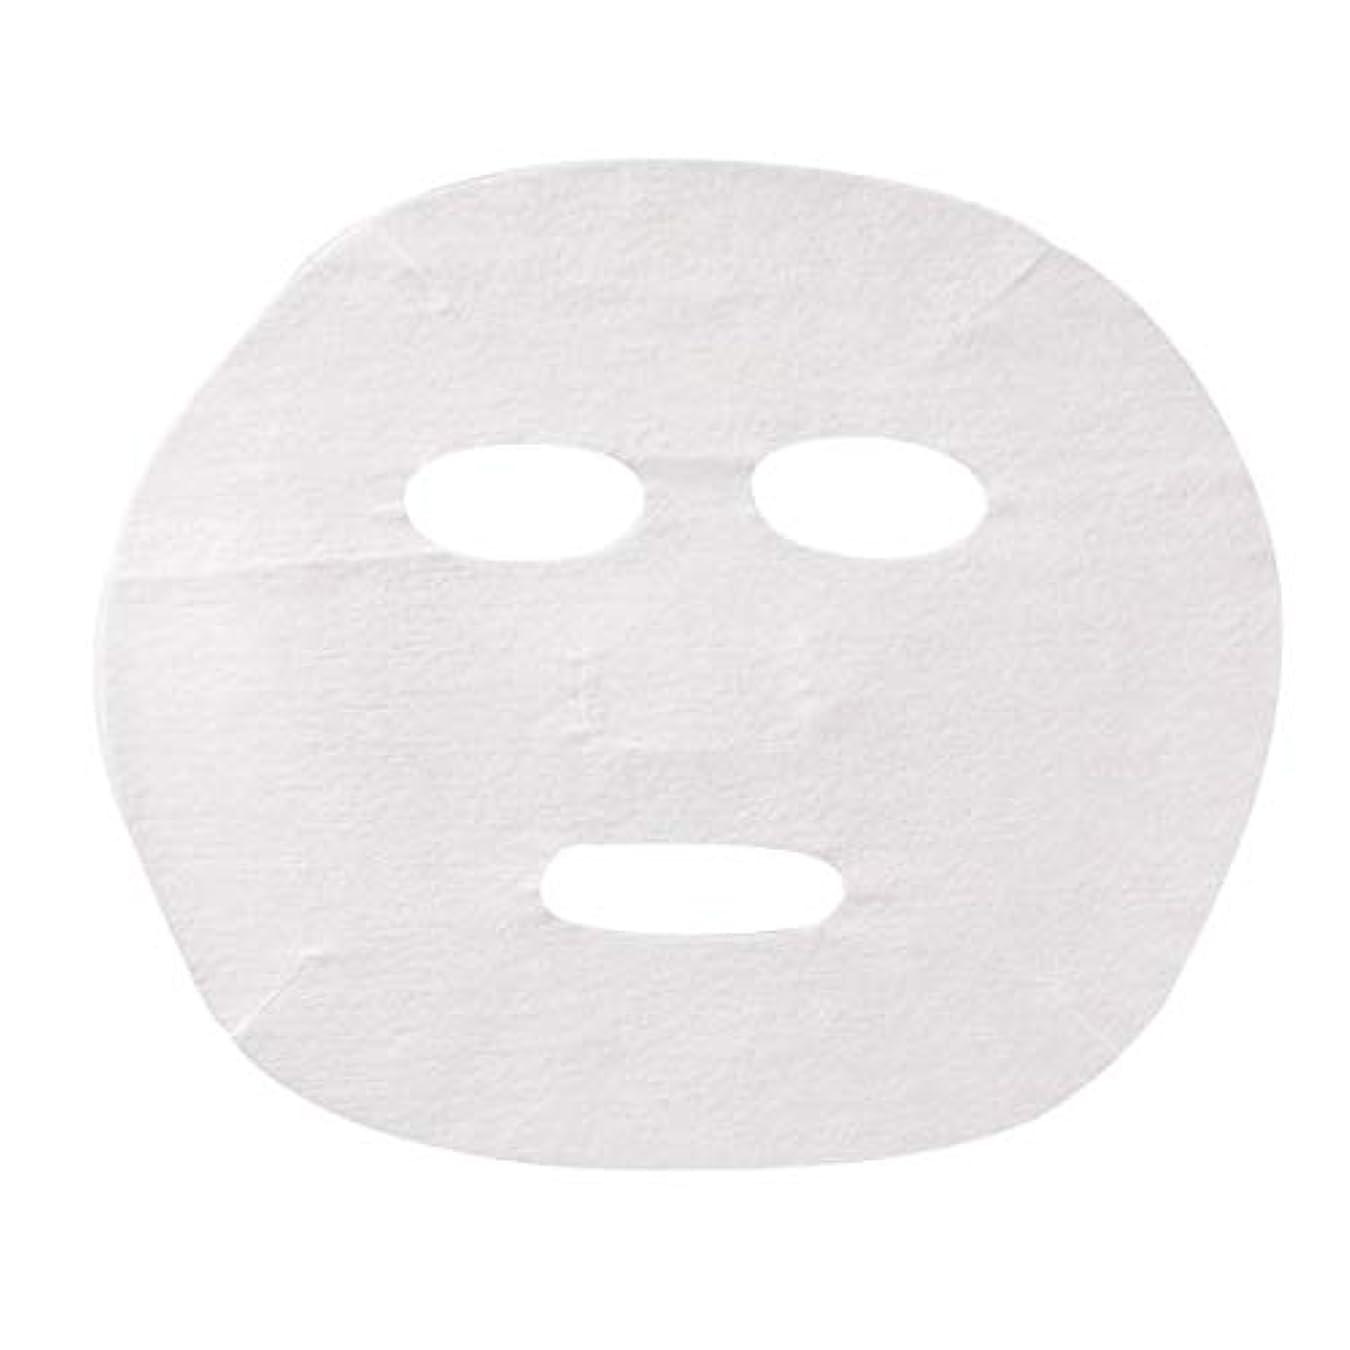 やけど適合する透過性フェイシャルシート (薄手タイプ) 70枚入 22.5×18.5cm [ フェイスマスク フェイスシート フェイスパック フェイシャルマスク フェイシャルパック ローションマスク ローションパック フェイス パック マスク ]